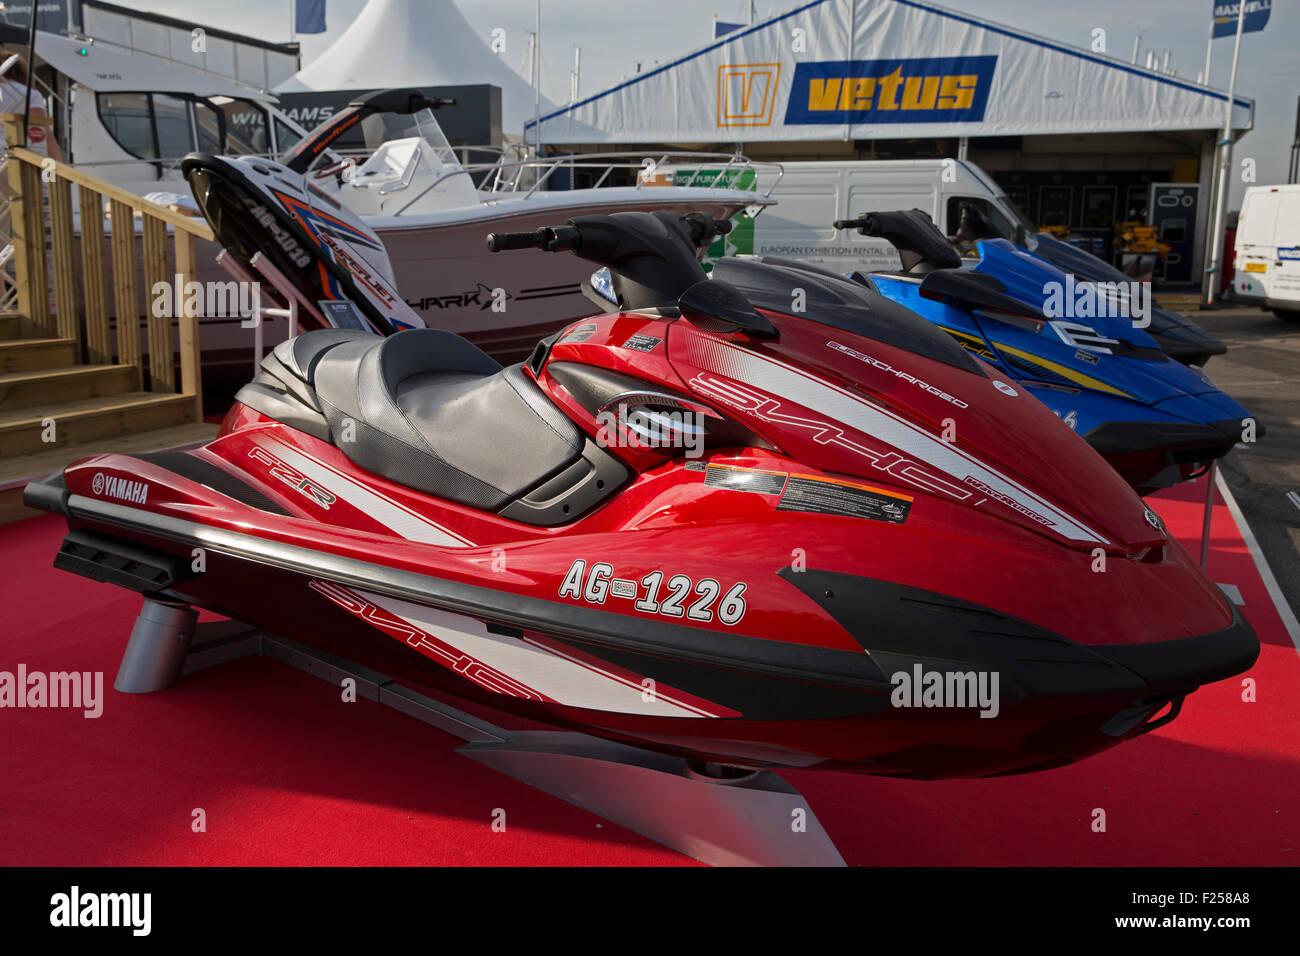 Yamaha Jetski Stock Photos & Yamaha Jetski Stock Images - Alamy